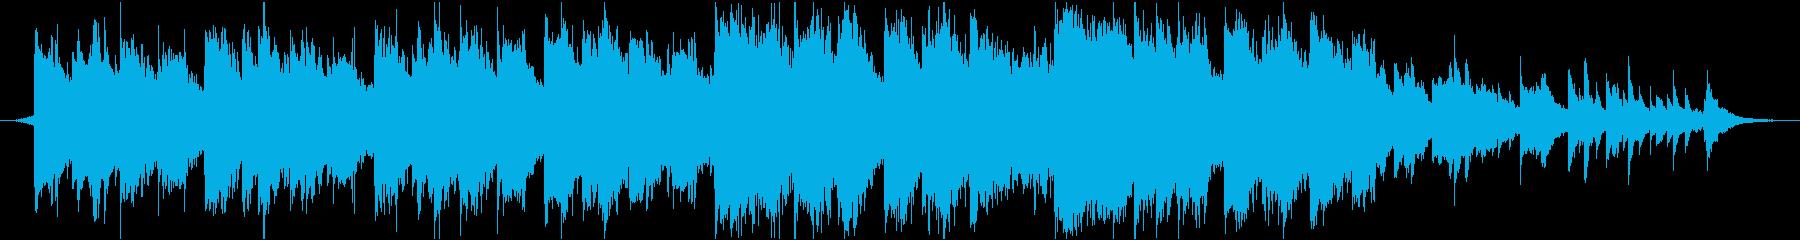 美しい 感情 ポップの再生済みの波形